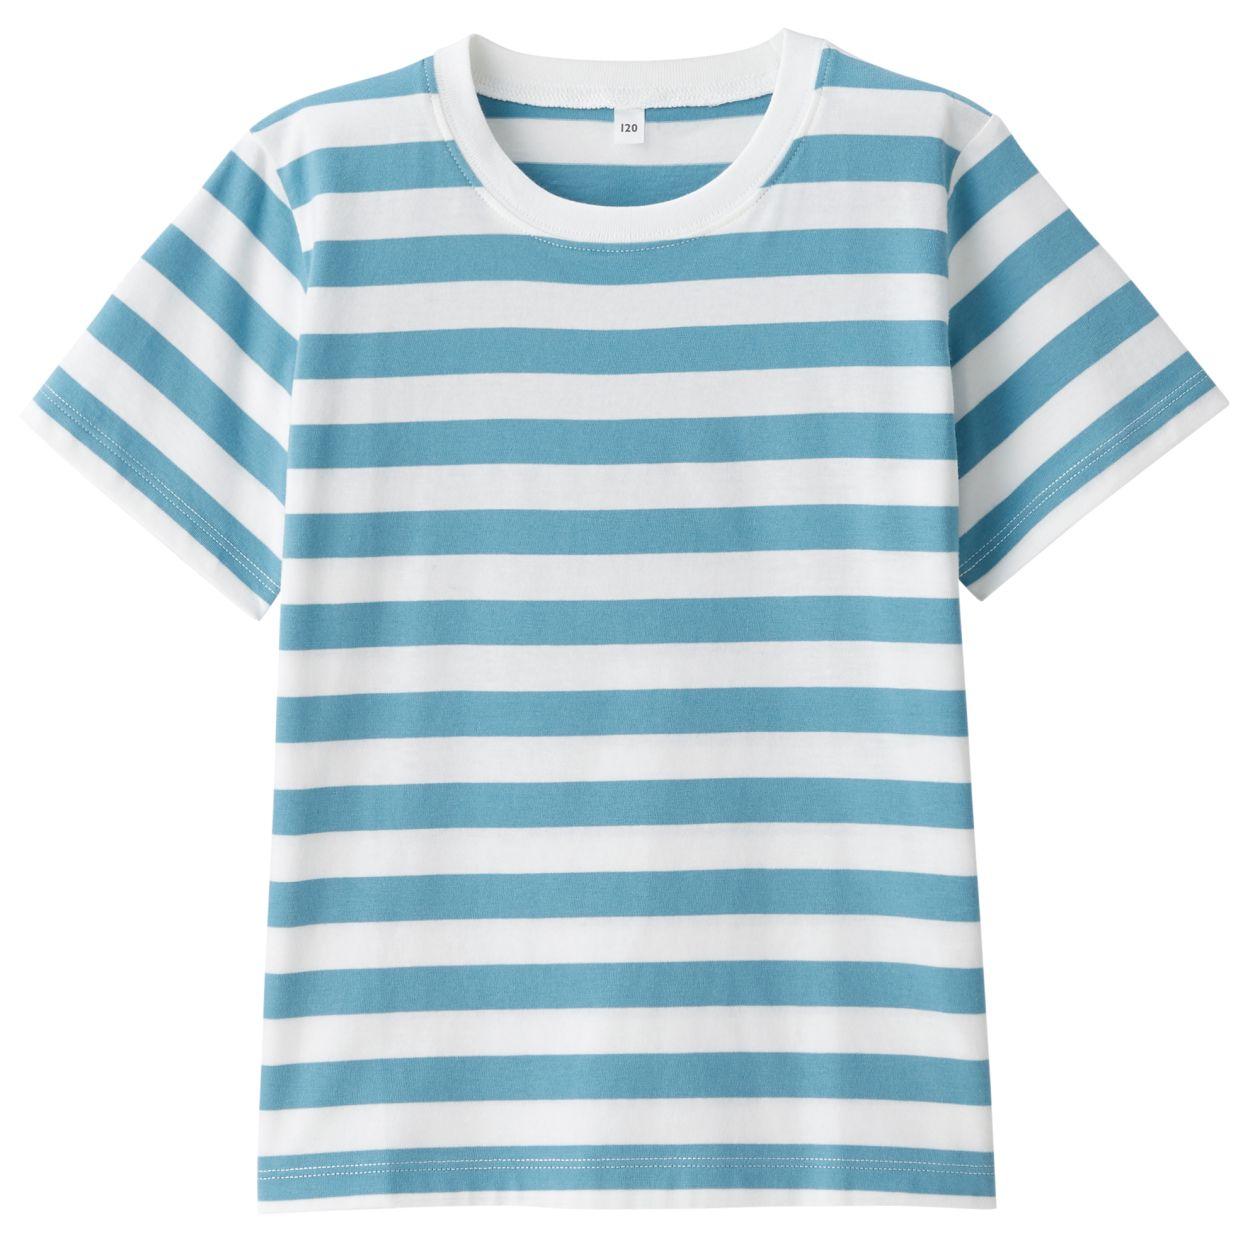 インド綿天竺編みボーダー半袖Tシャツ(キッズ)